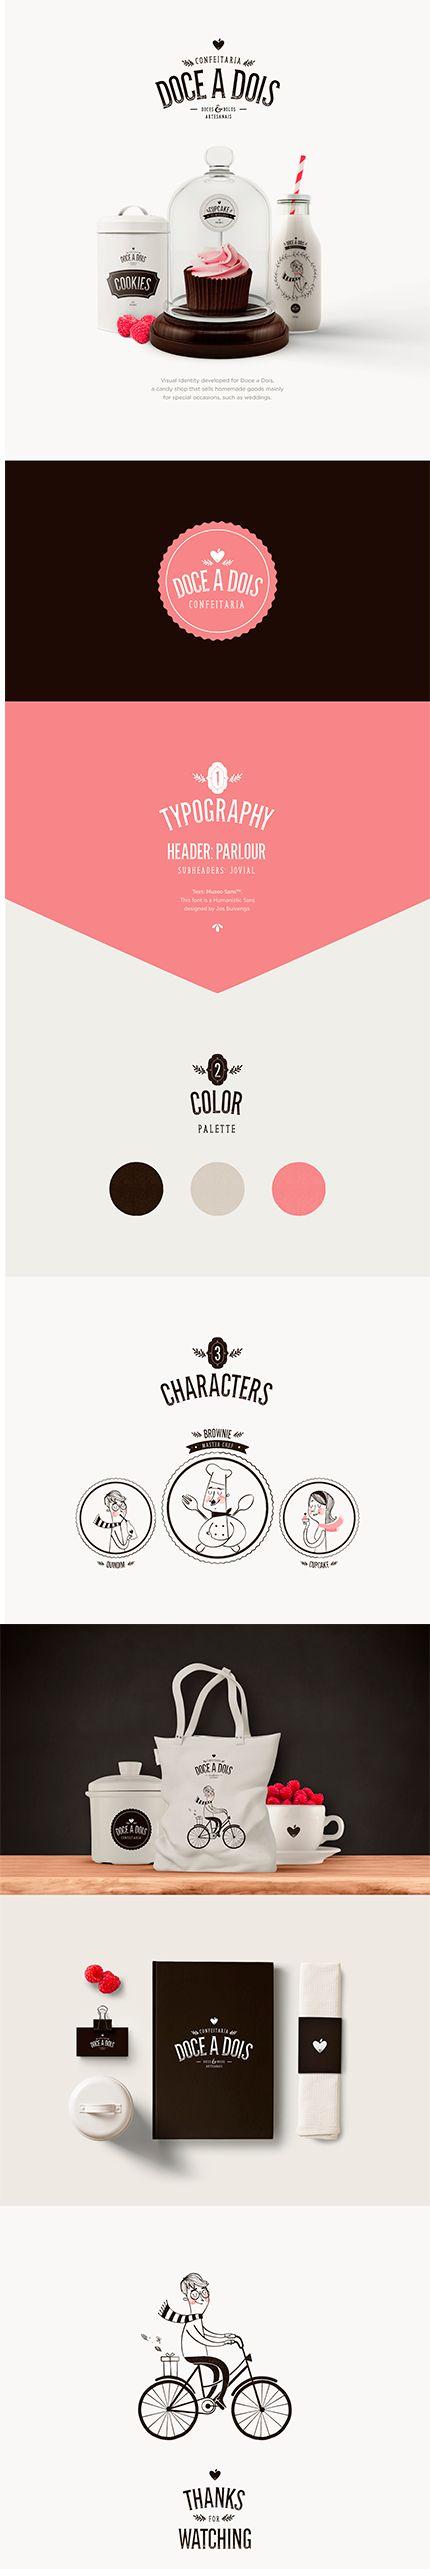 1.Começando com um trabalho brasileiro! Uma identidade visual divertida e retrô para uma confeitaria que faz doces para ocasiões especiais. Fonte: https://www.behance.net/gallery/37487685/Doce-a-Dois-Branding-Illustration-Packaging #IdentidadeVisual #Logo #Propaganda #Branding #Creative #TudoMarketing #TudoMkt